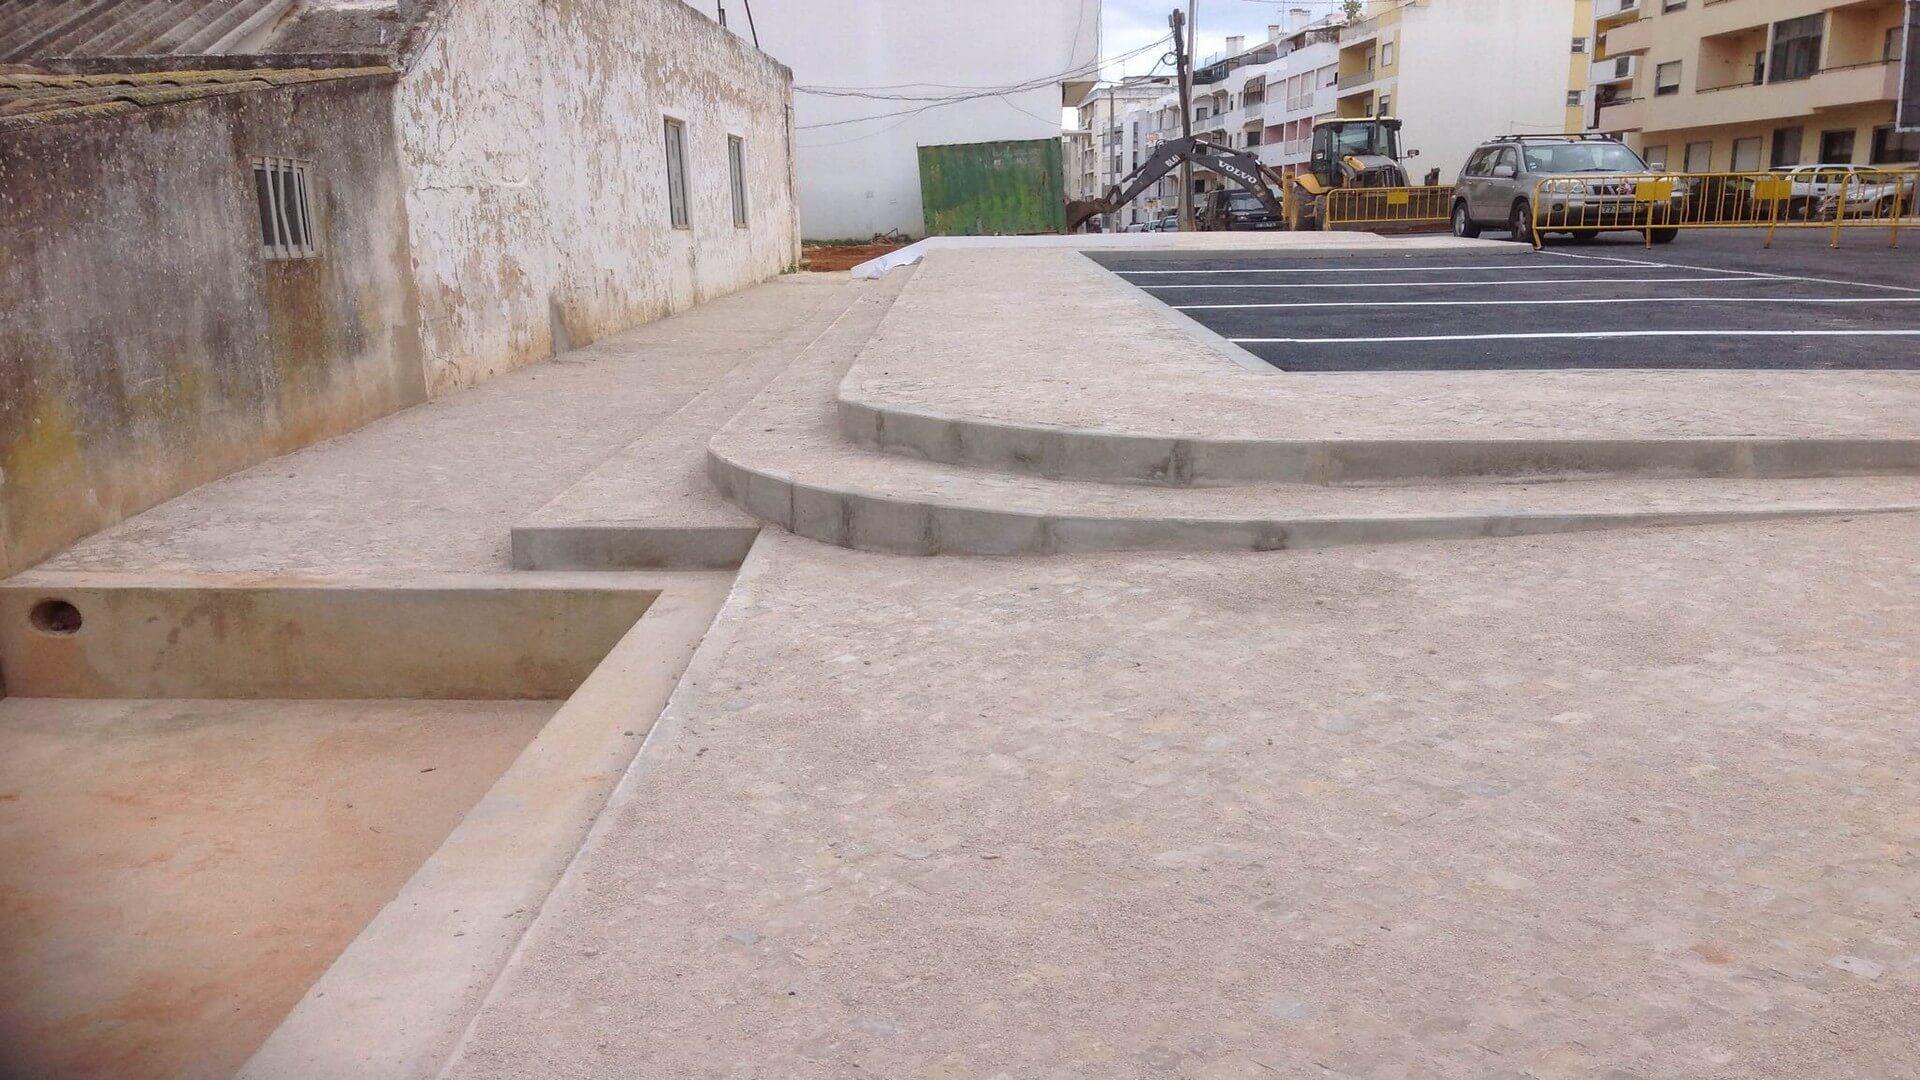 calçada miúda do Escarpão, lancil de betão e asfalto